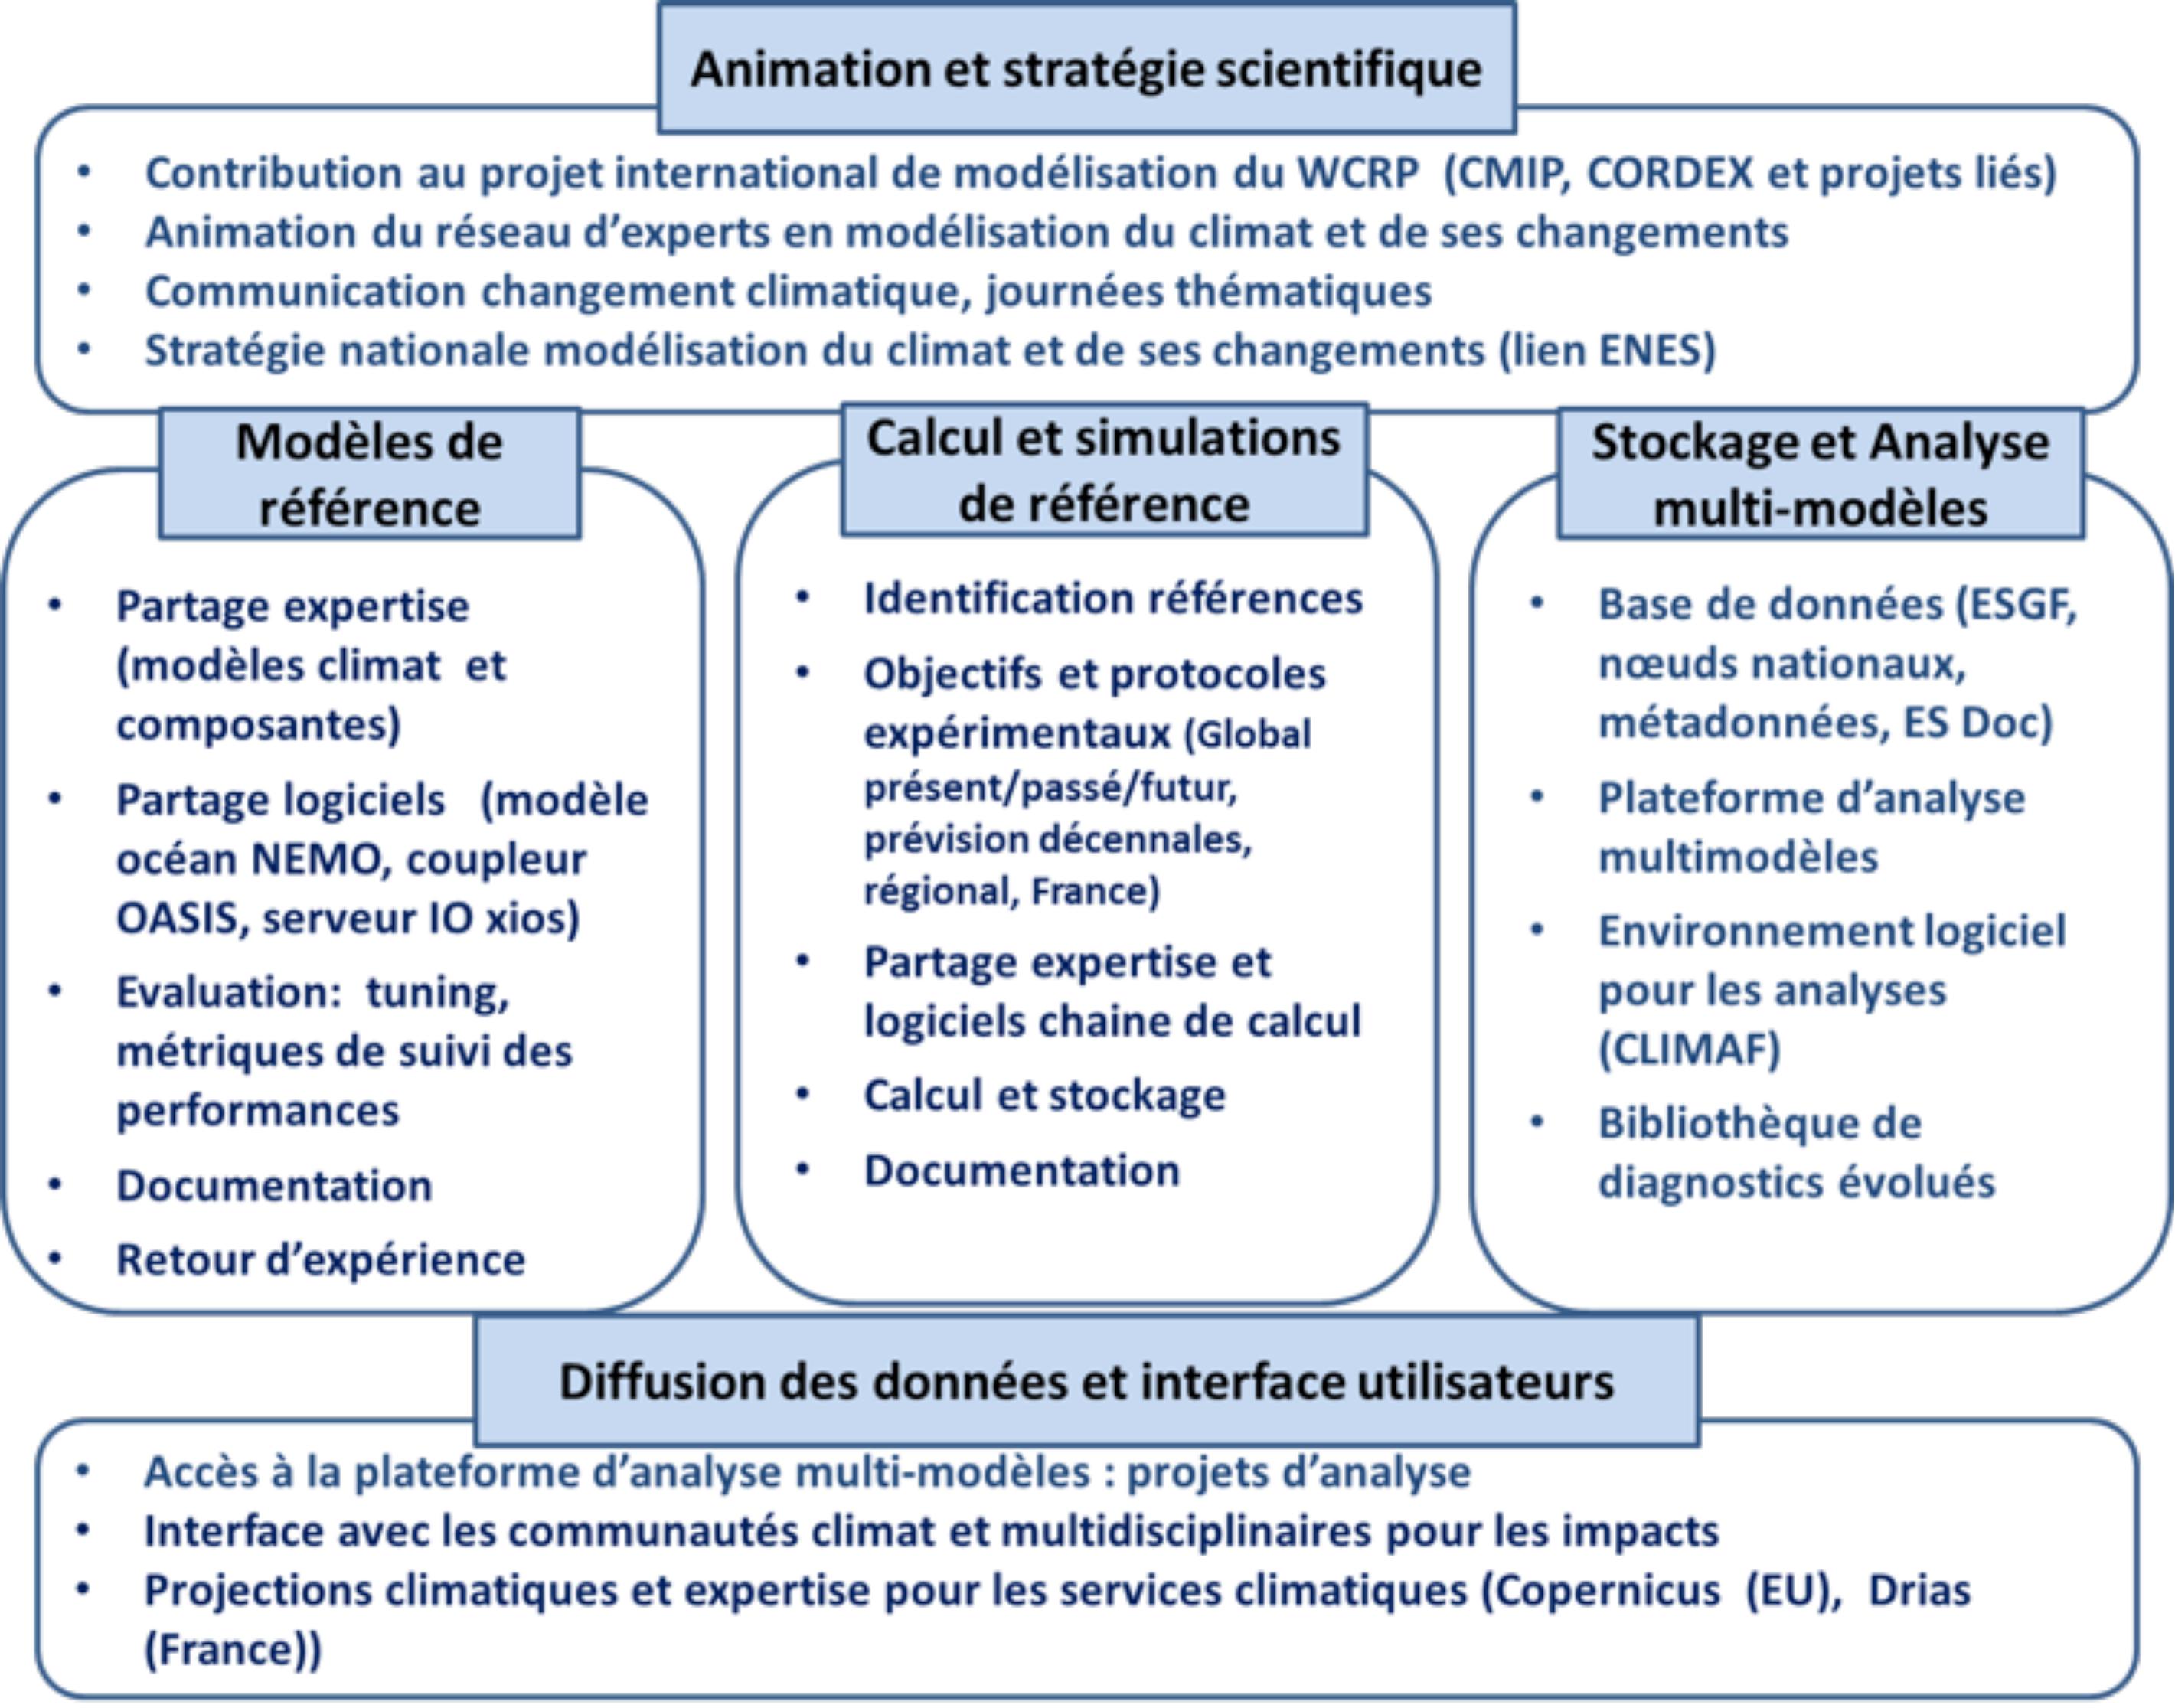 Représentation schématique des différentes fonctions de l'infrastructure de recherche CLIMERI